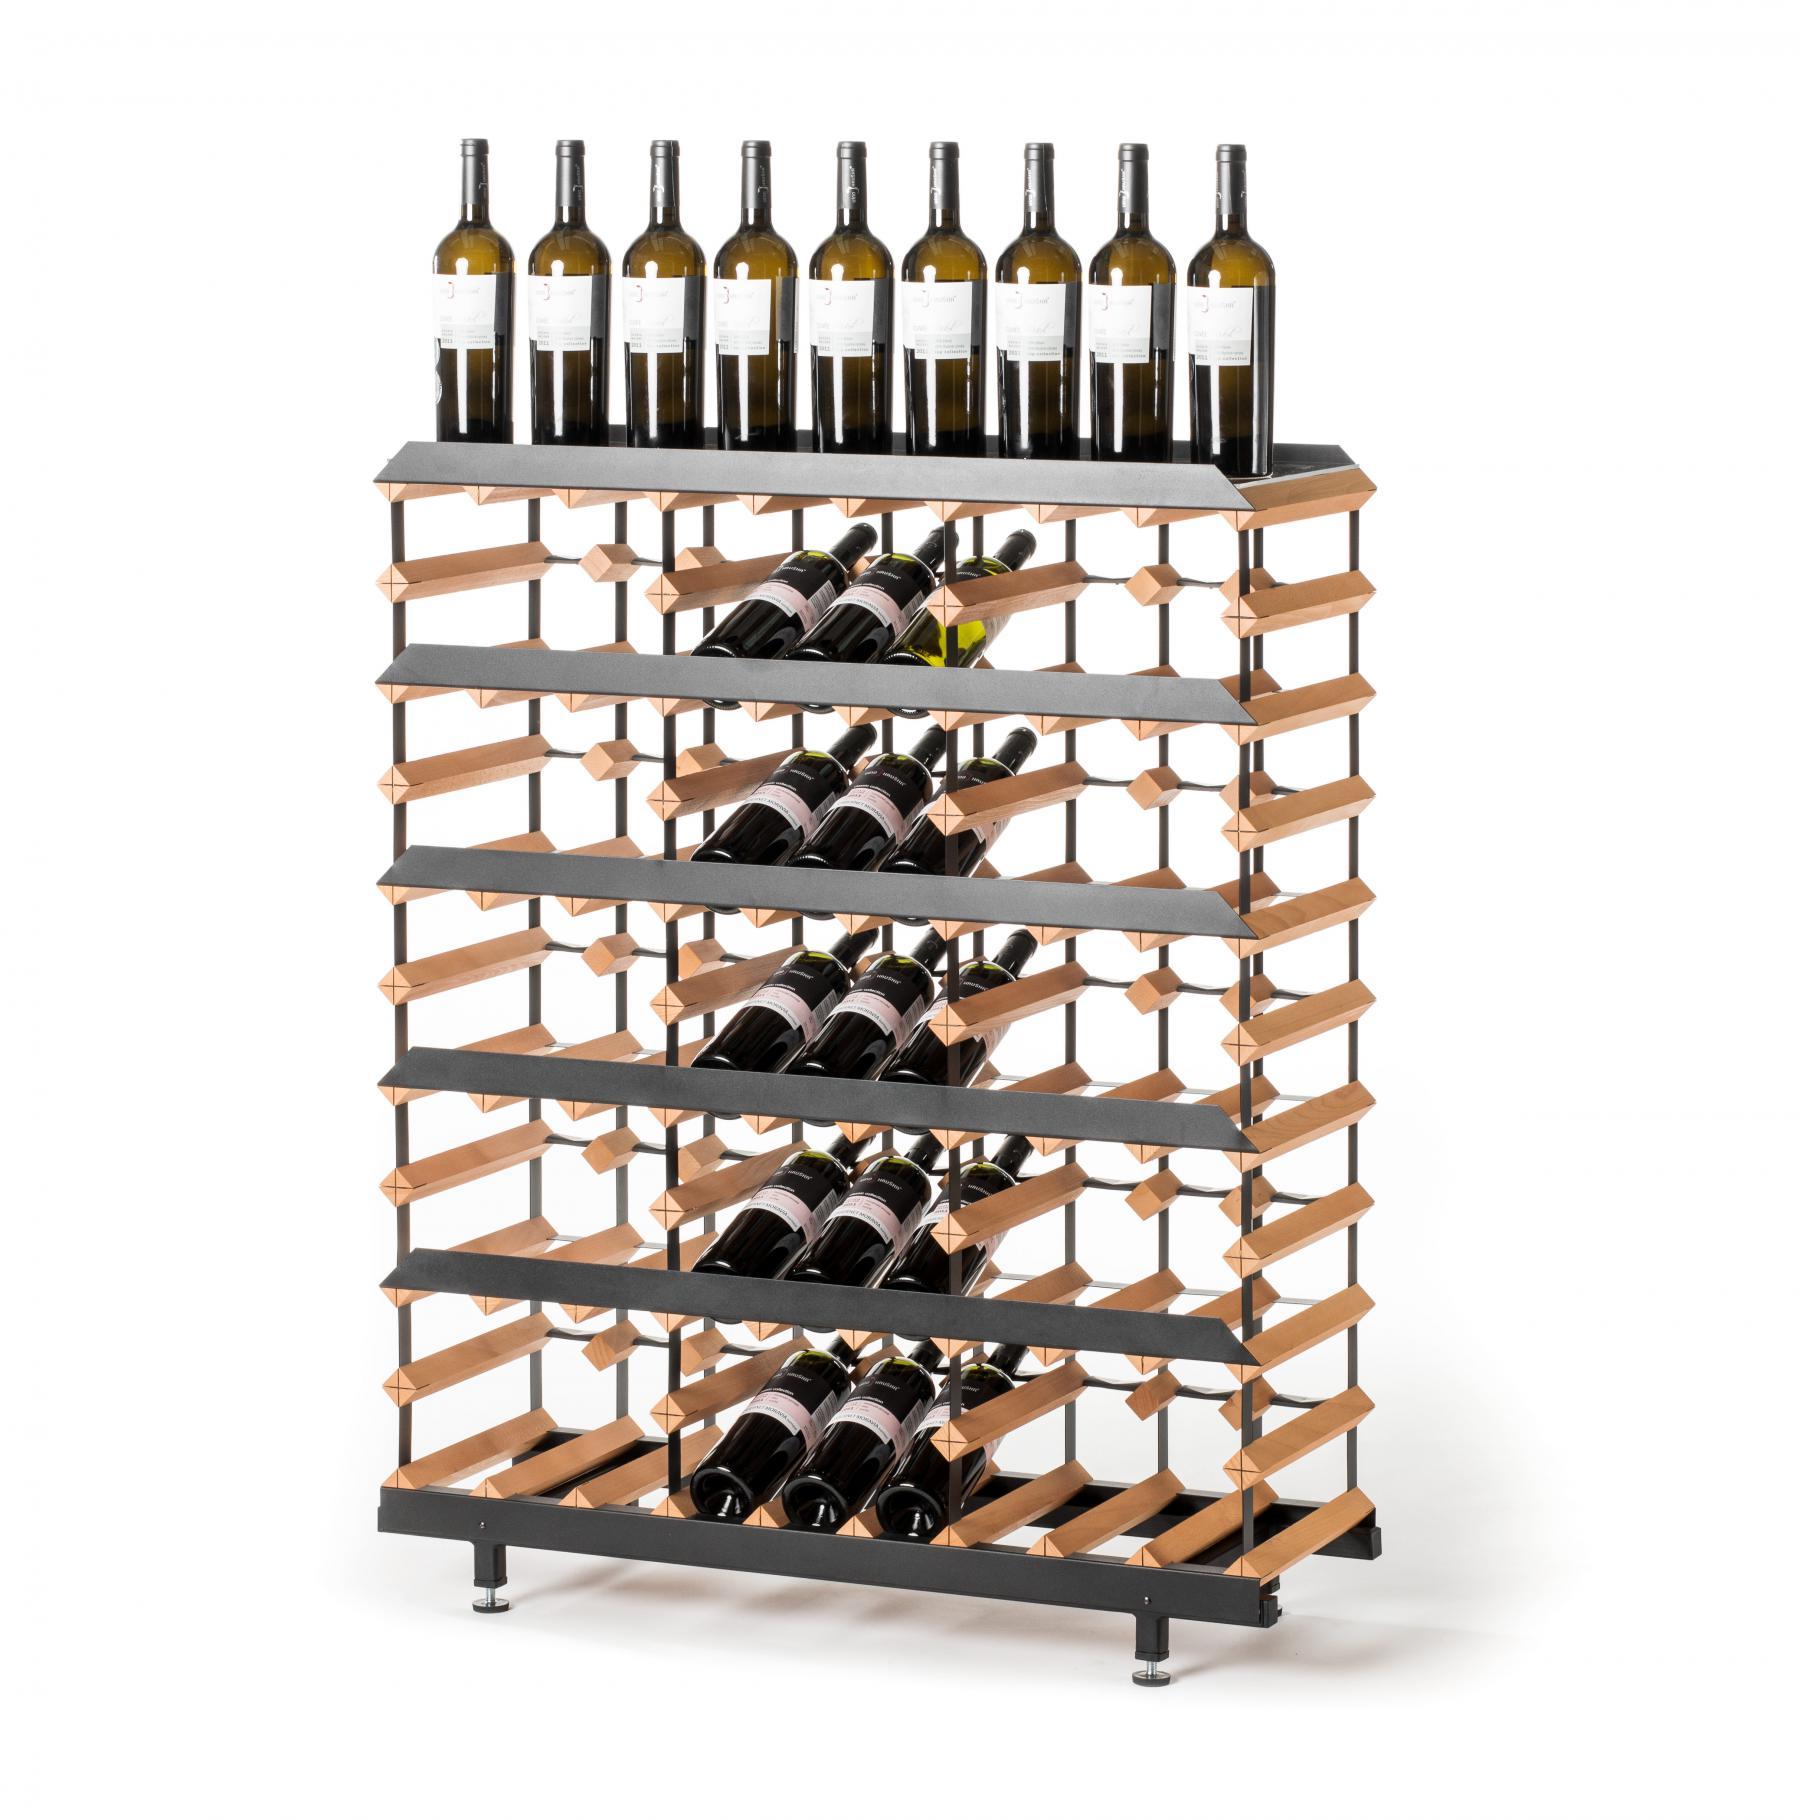 marken holz weinregal raxi pr sentation f r 45 flaschen. Black Bedroom Furniture Sets. Home Design Ideas